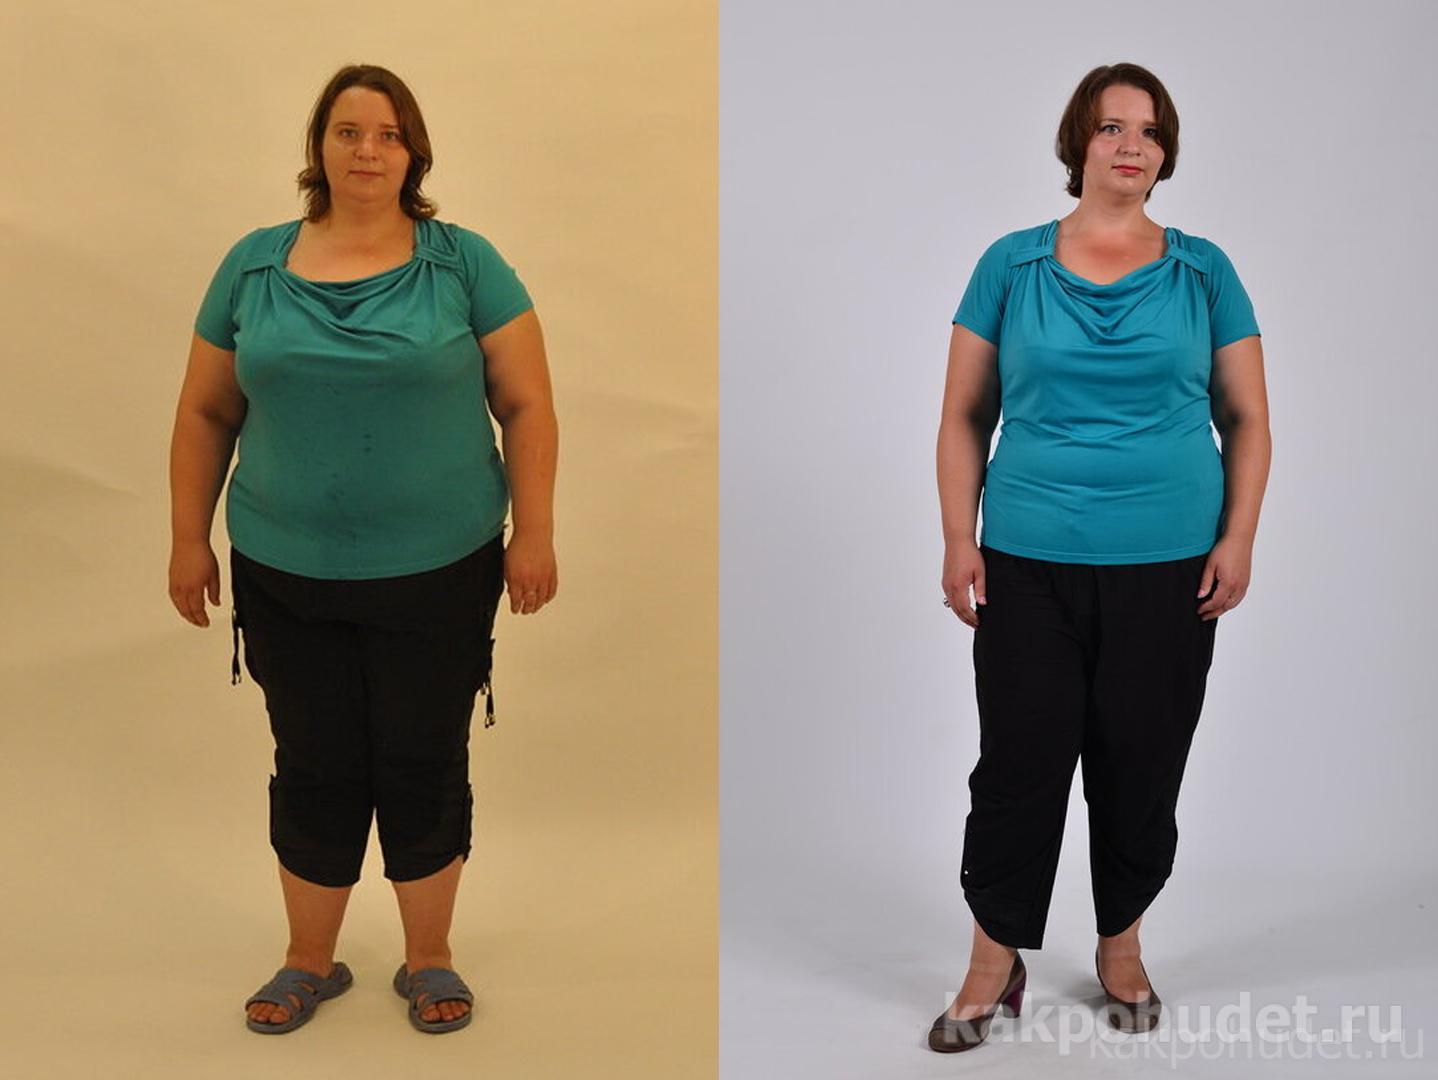 Она сбросила четверть своего веса быстрее, чем за год